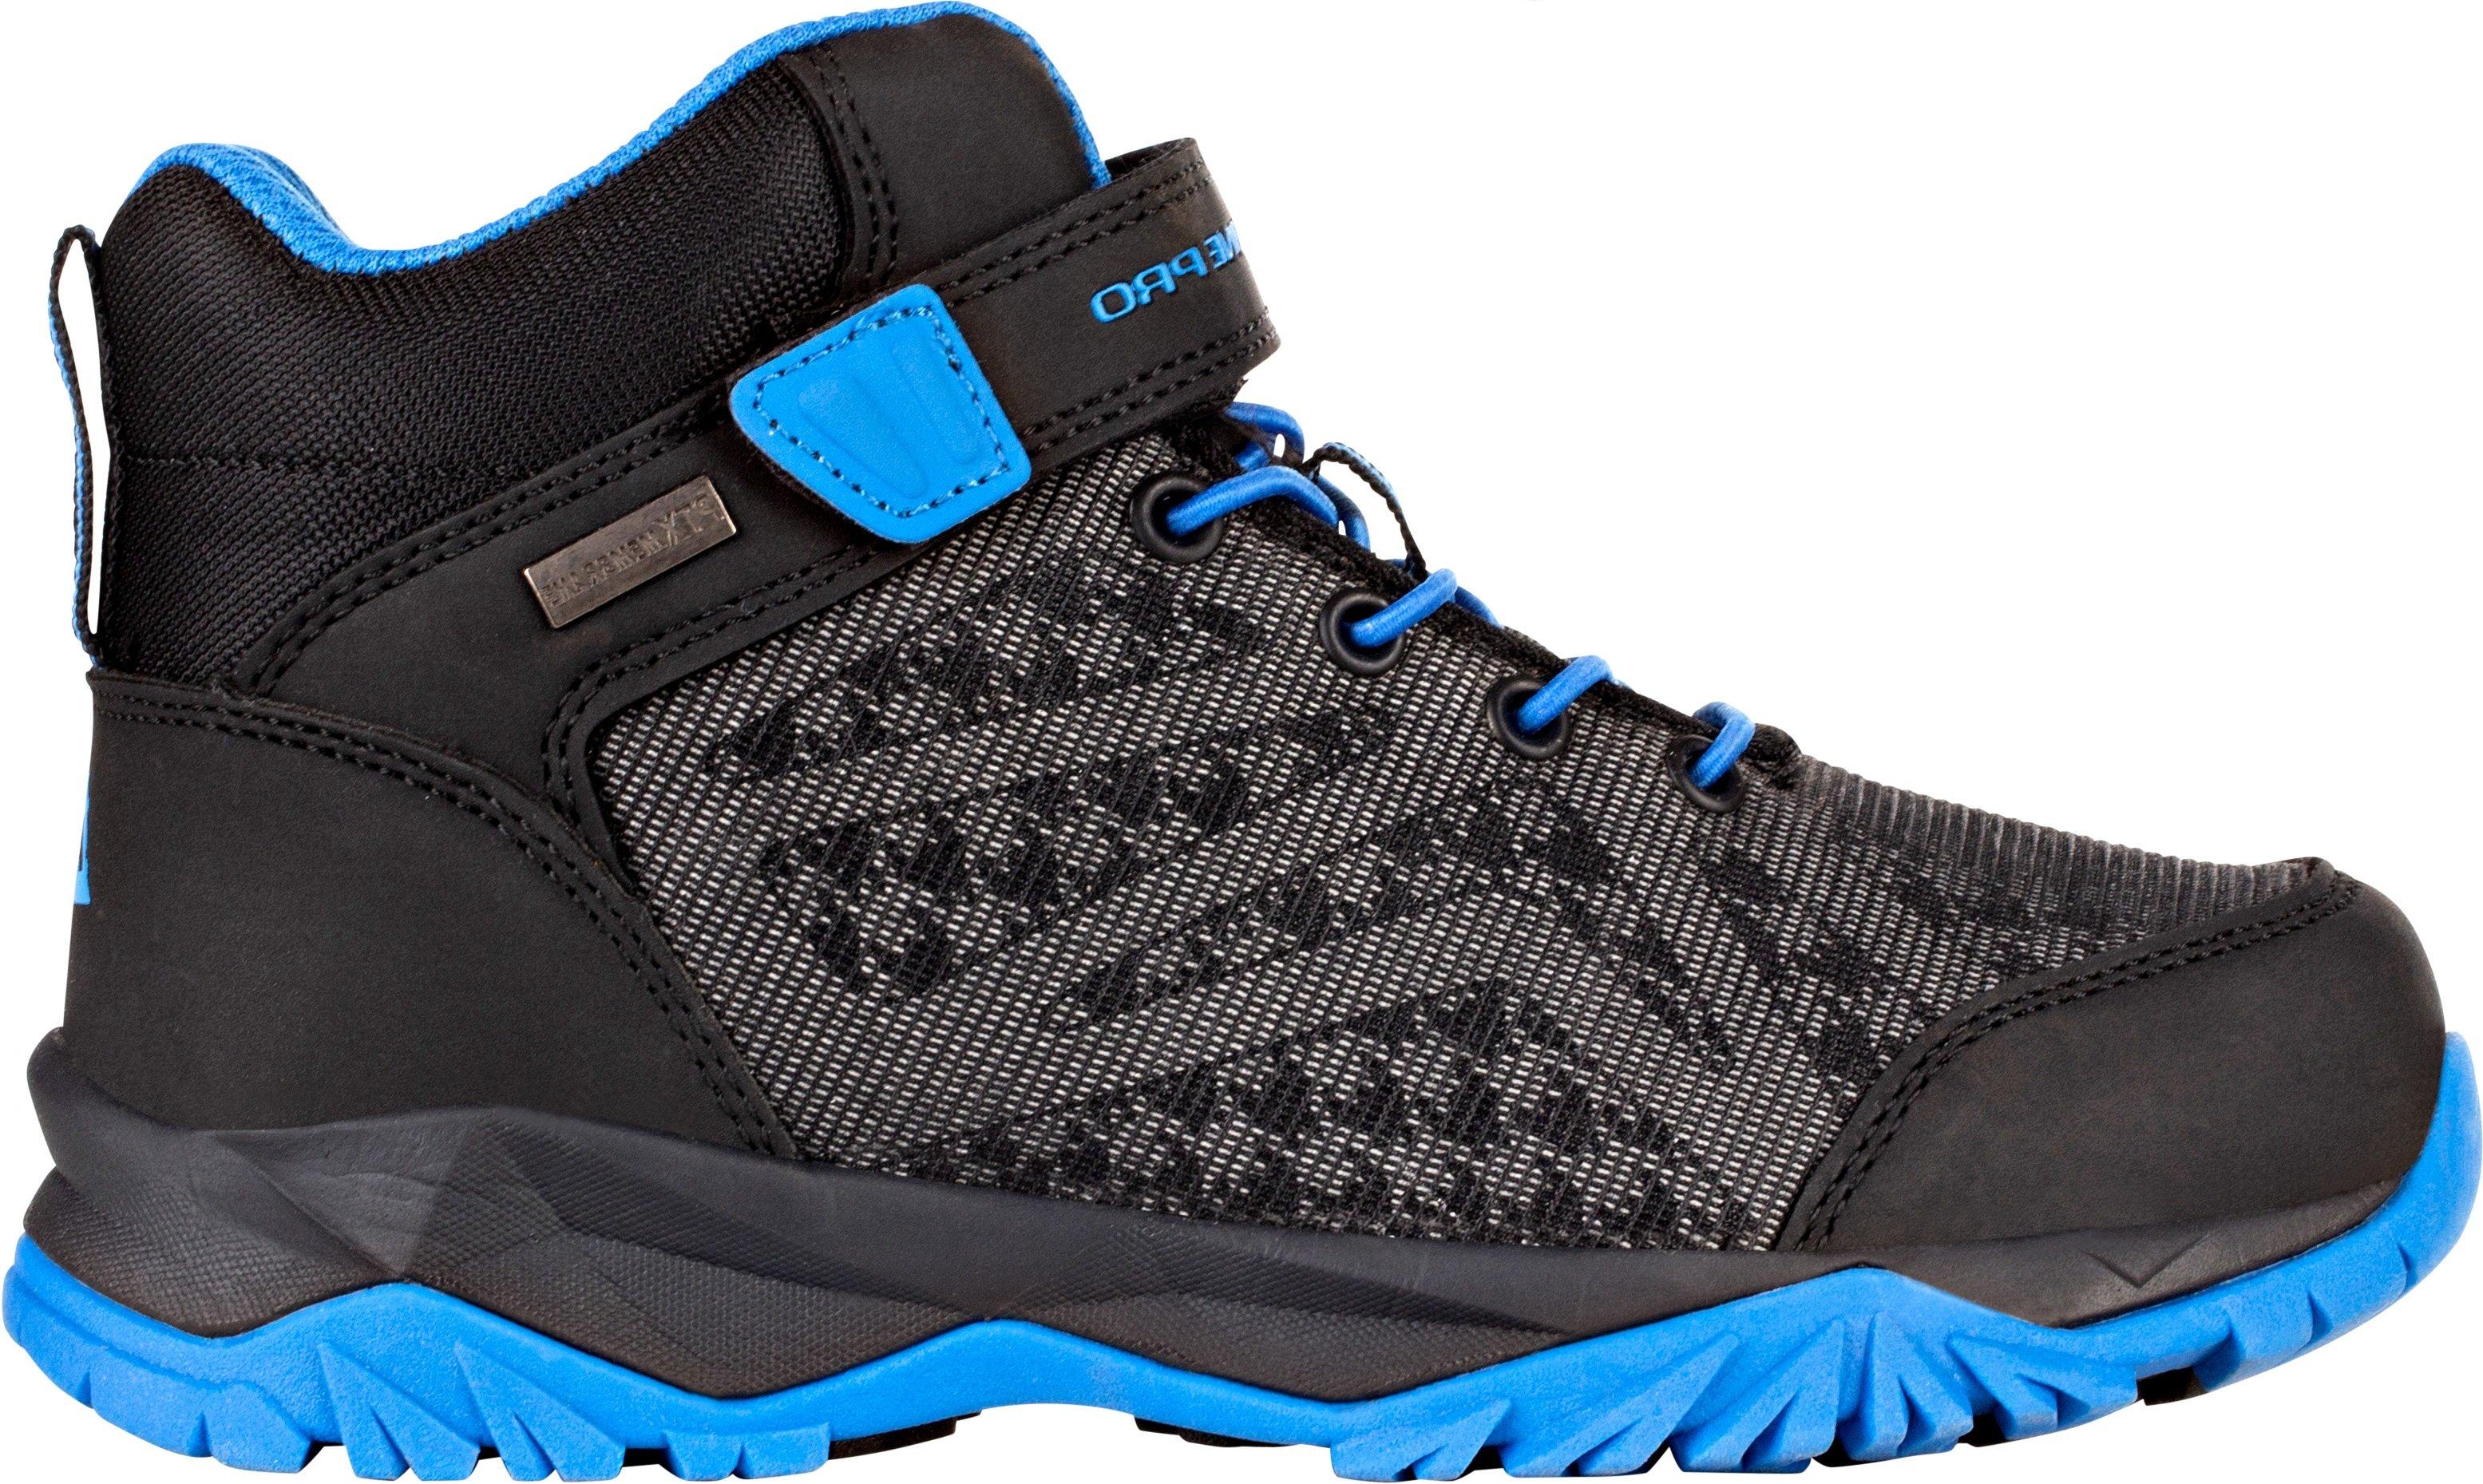 0d693917c261 ALPINE PRO Chlapecká kotníková outdoorová obuv UGO - černo-modrá ...